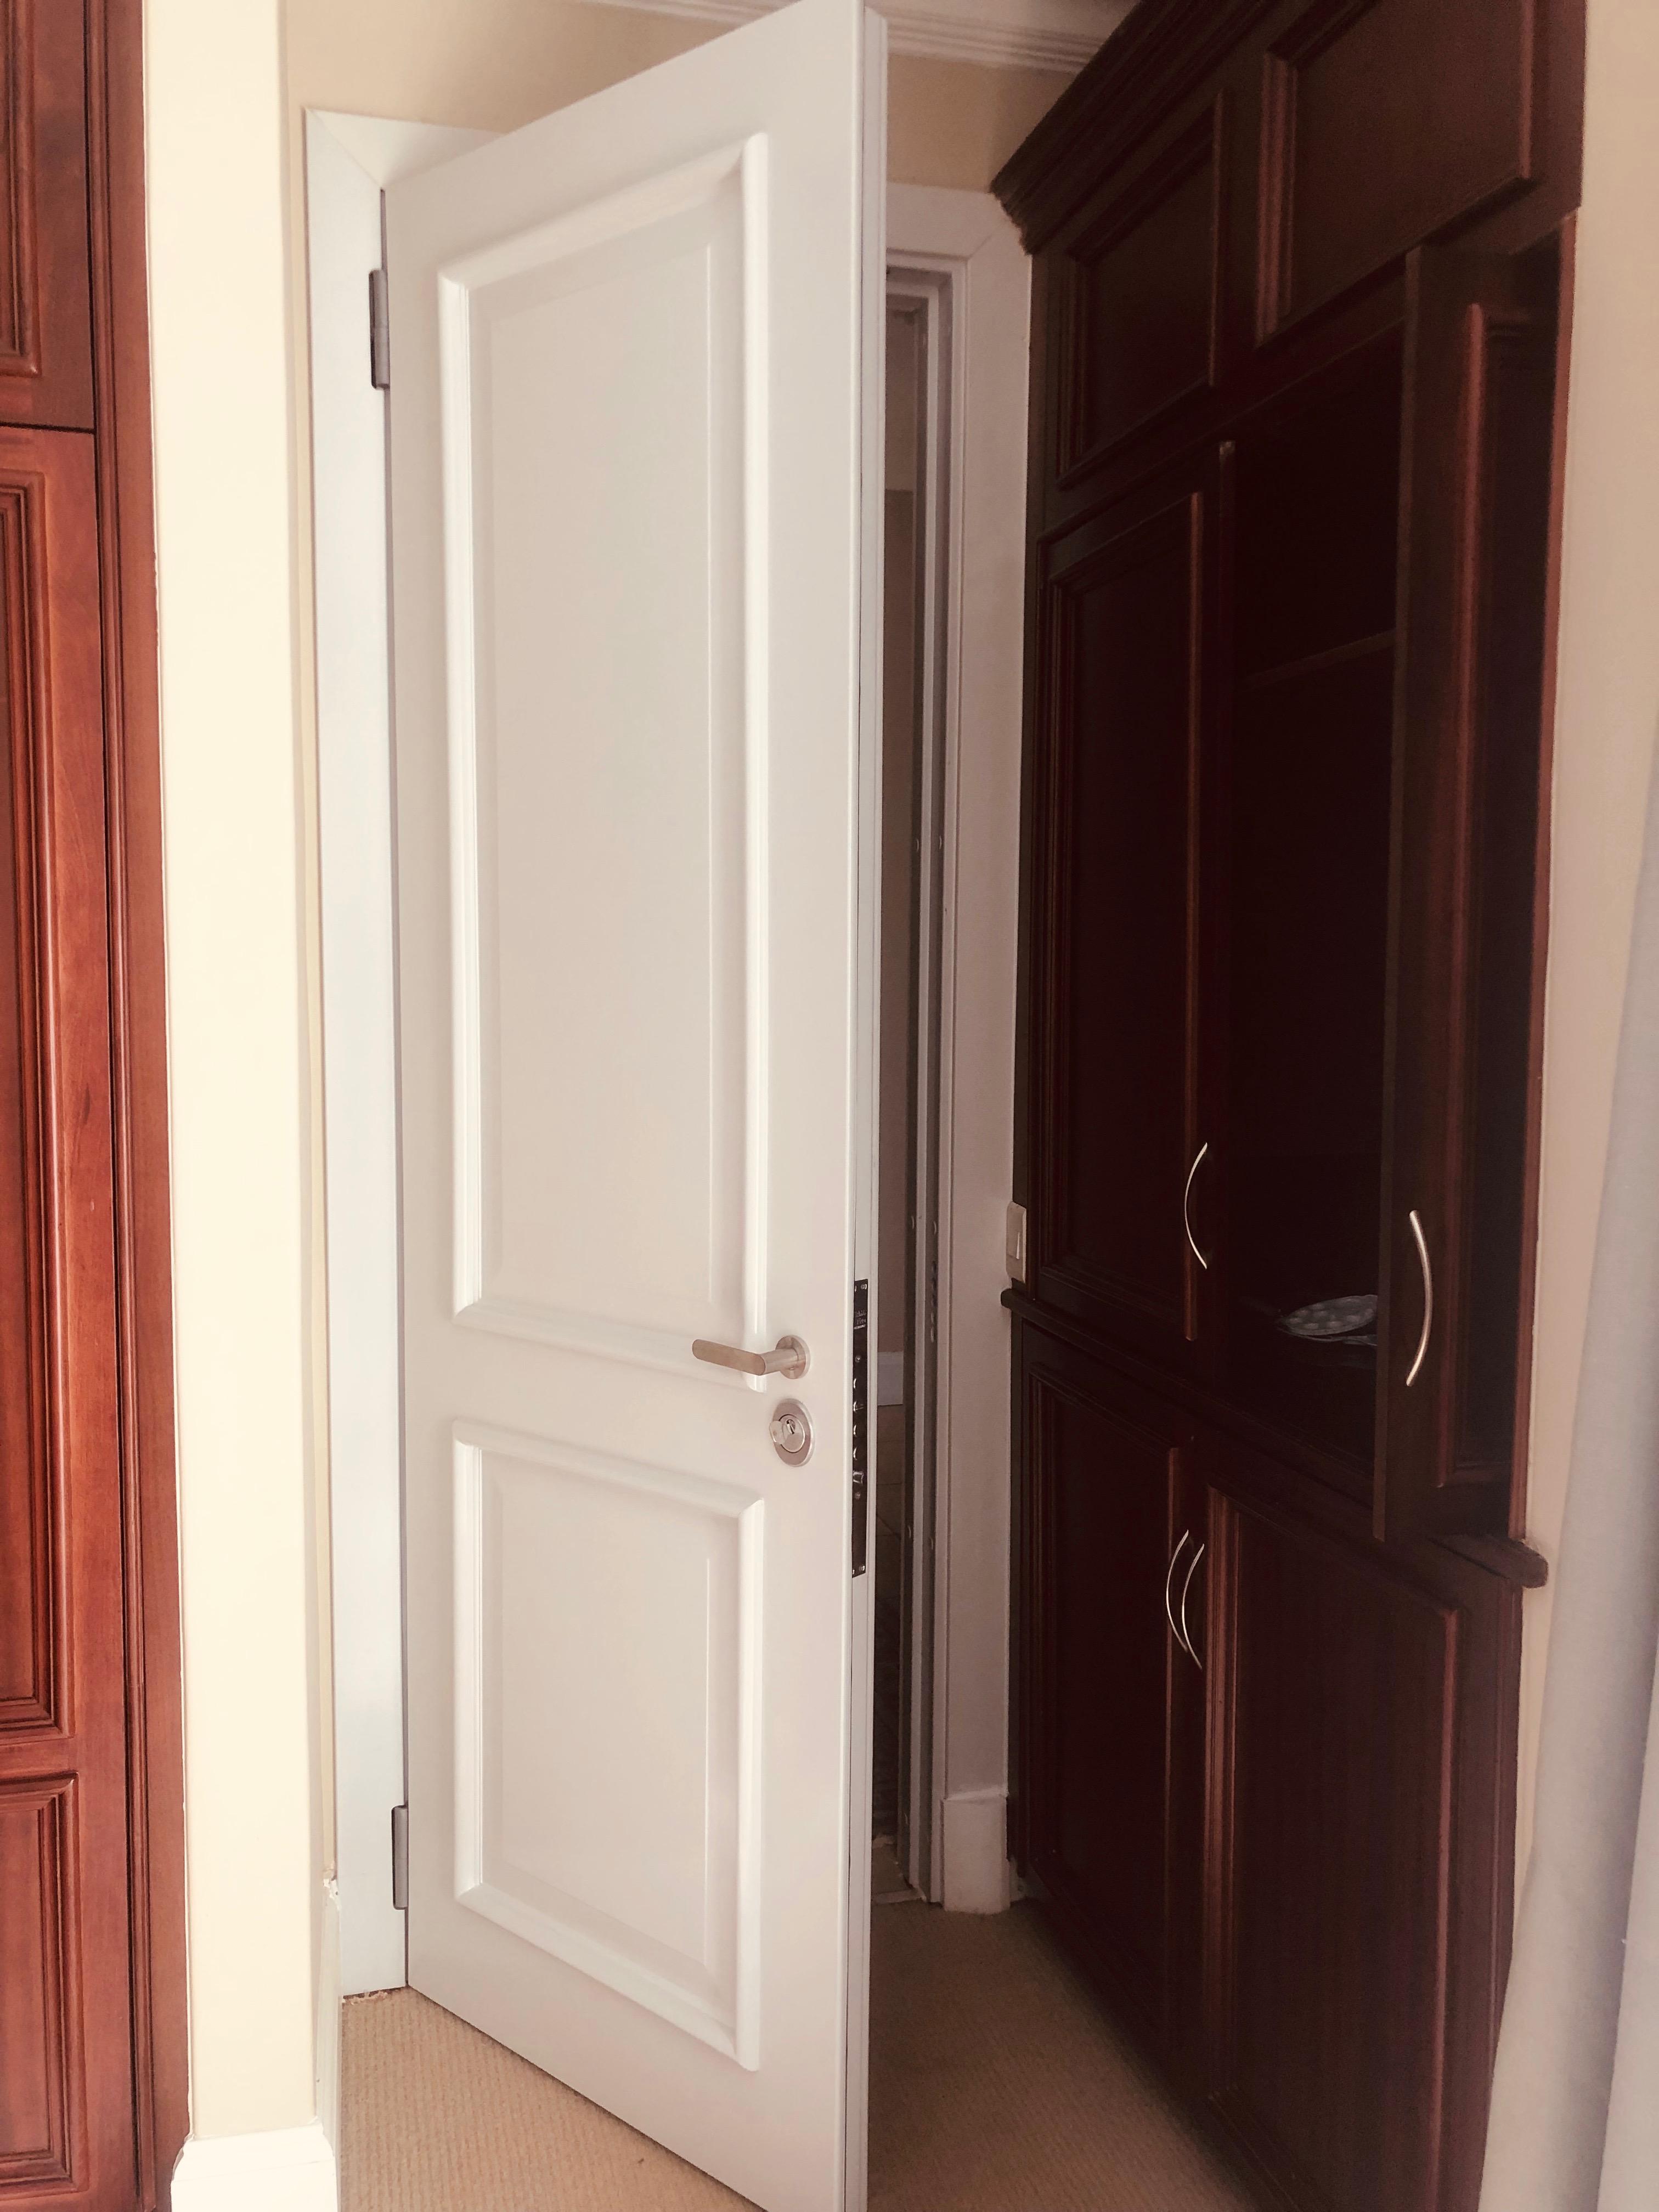 Office Security Door